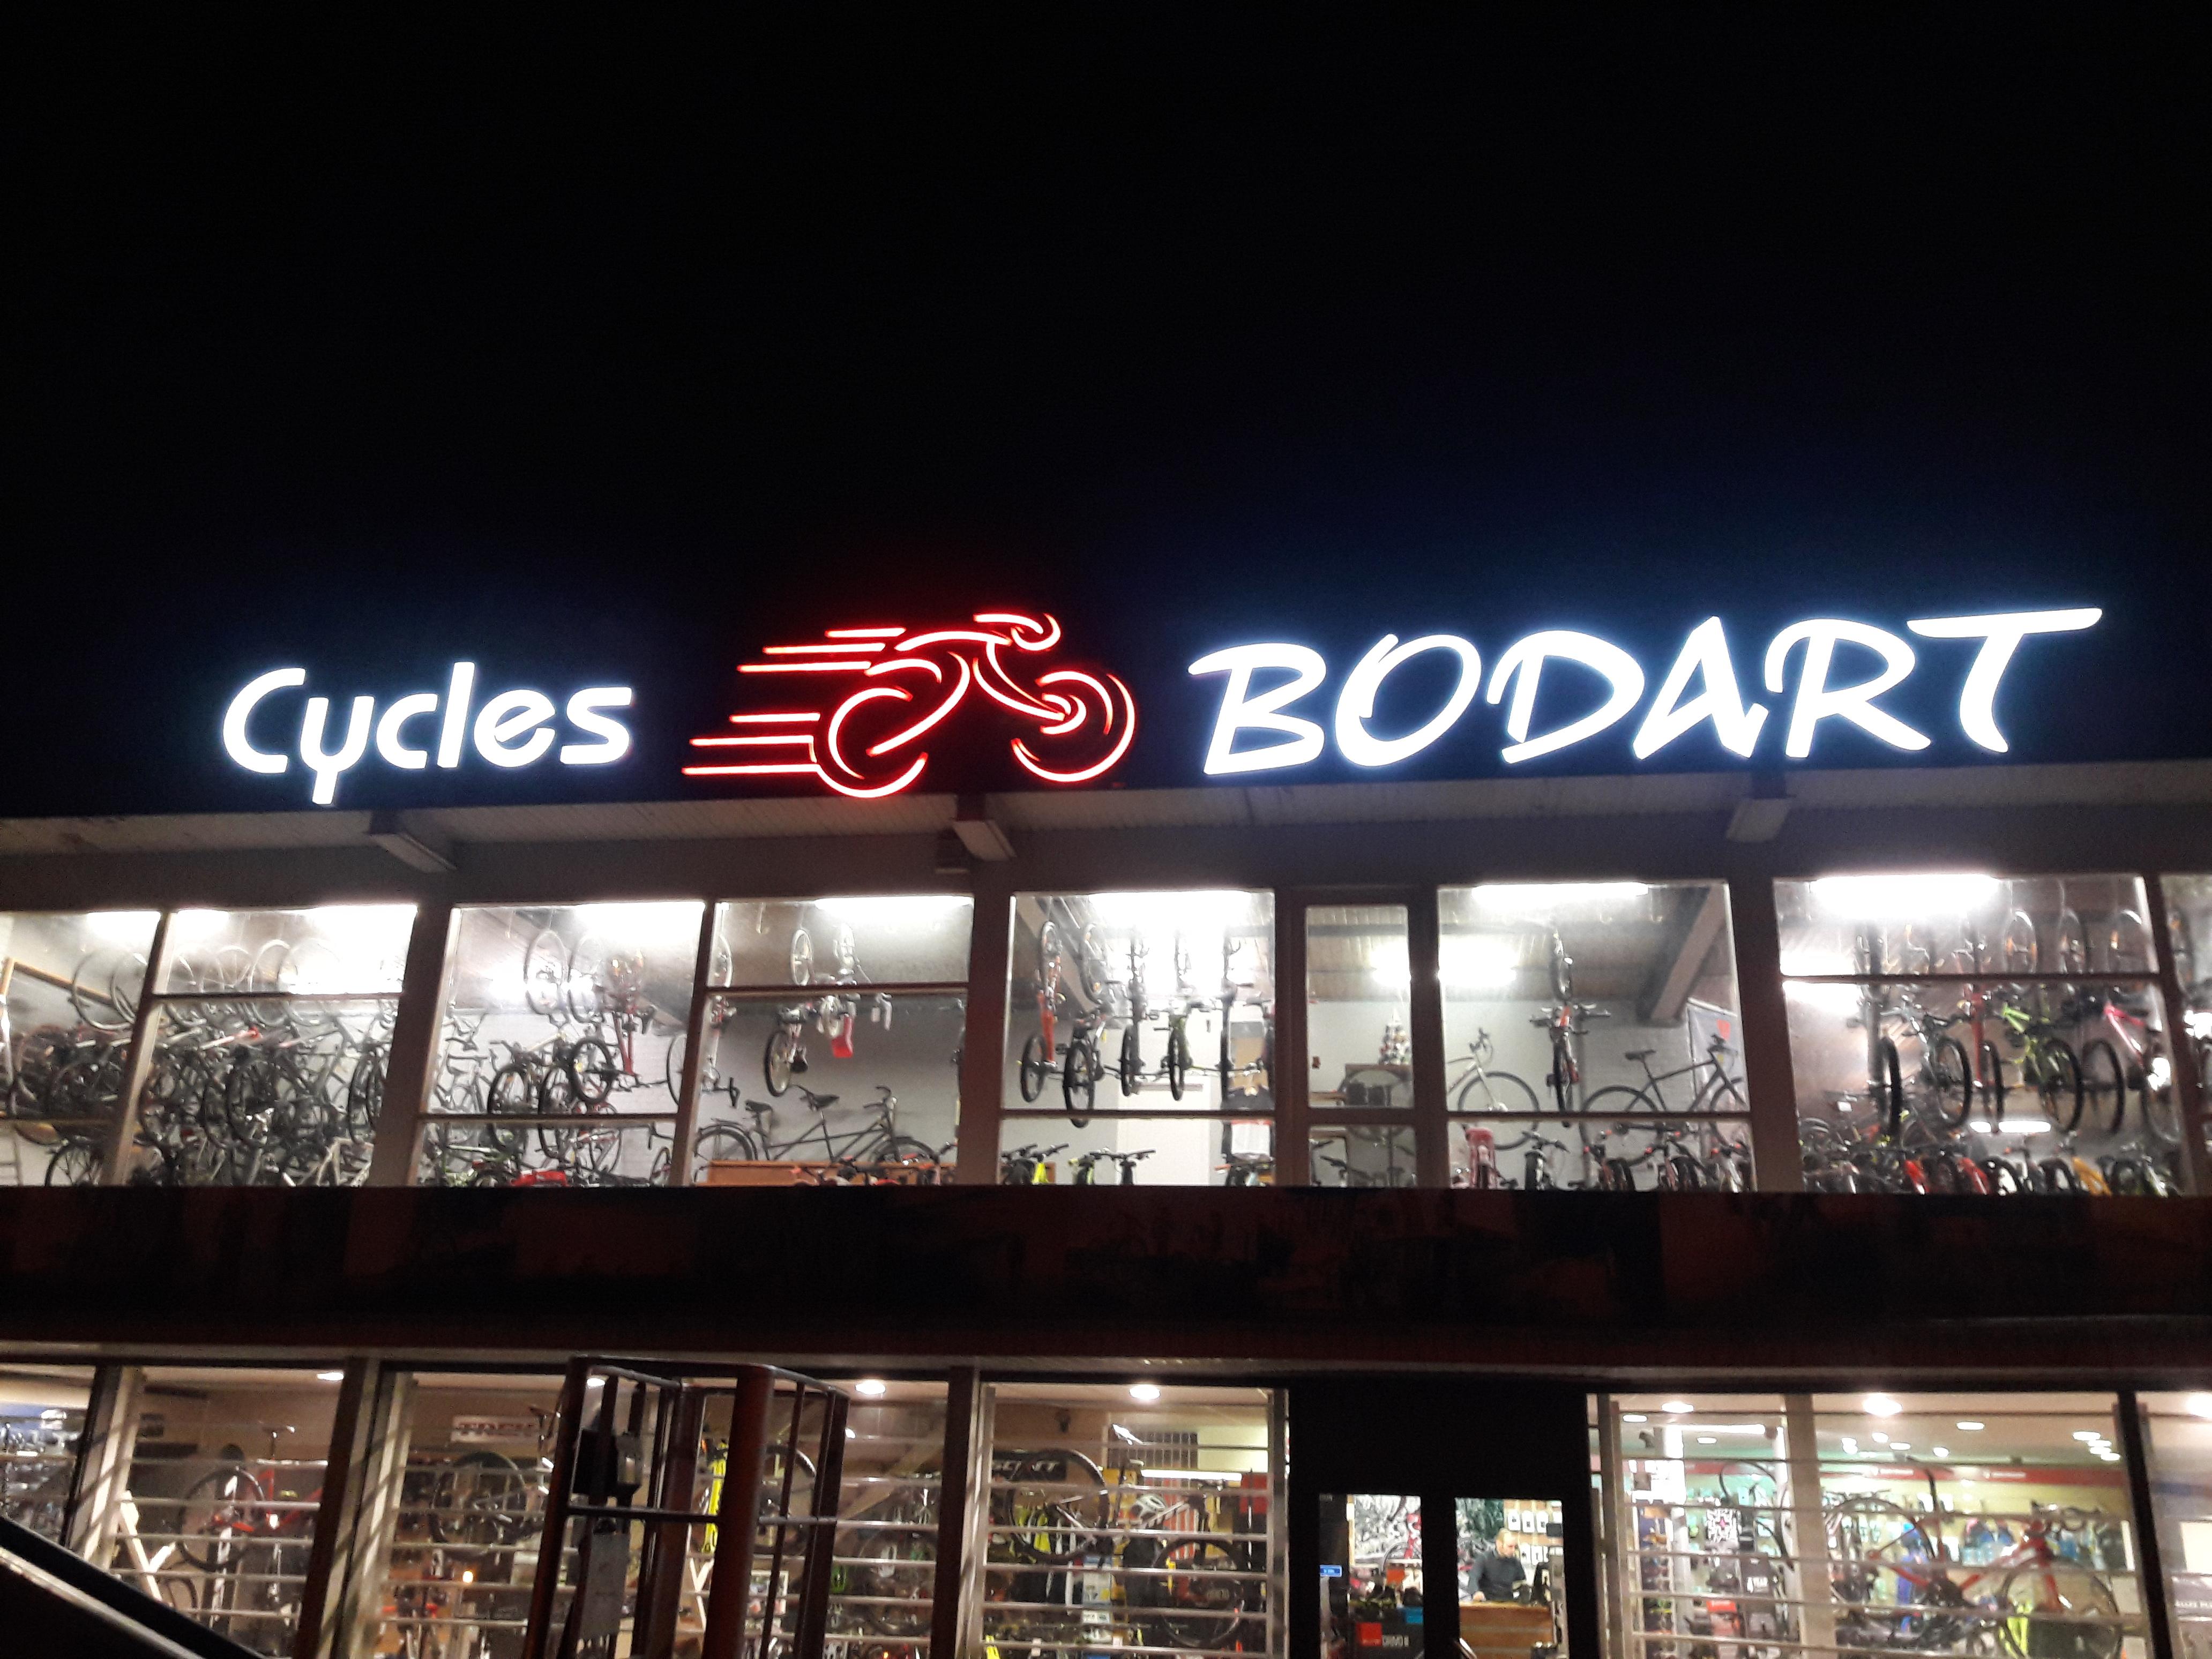 Lettres en relief - Cycles Bodart